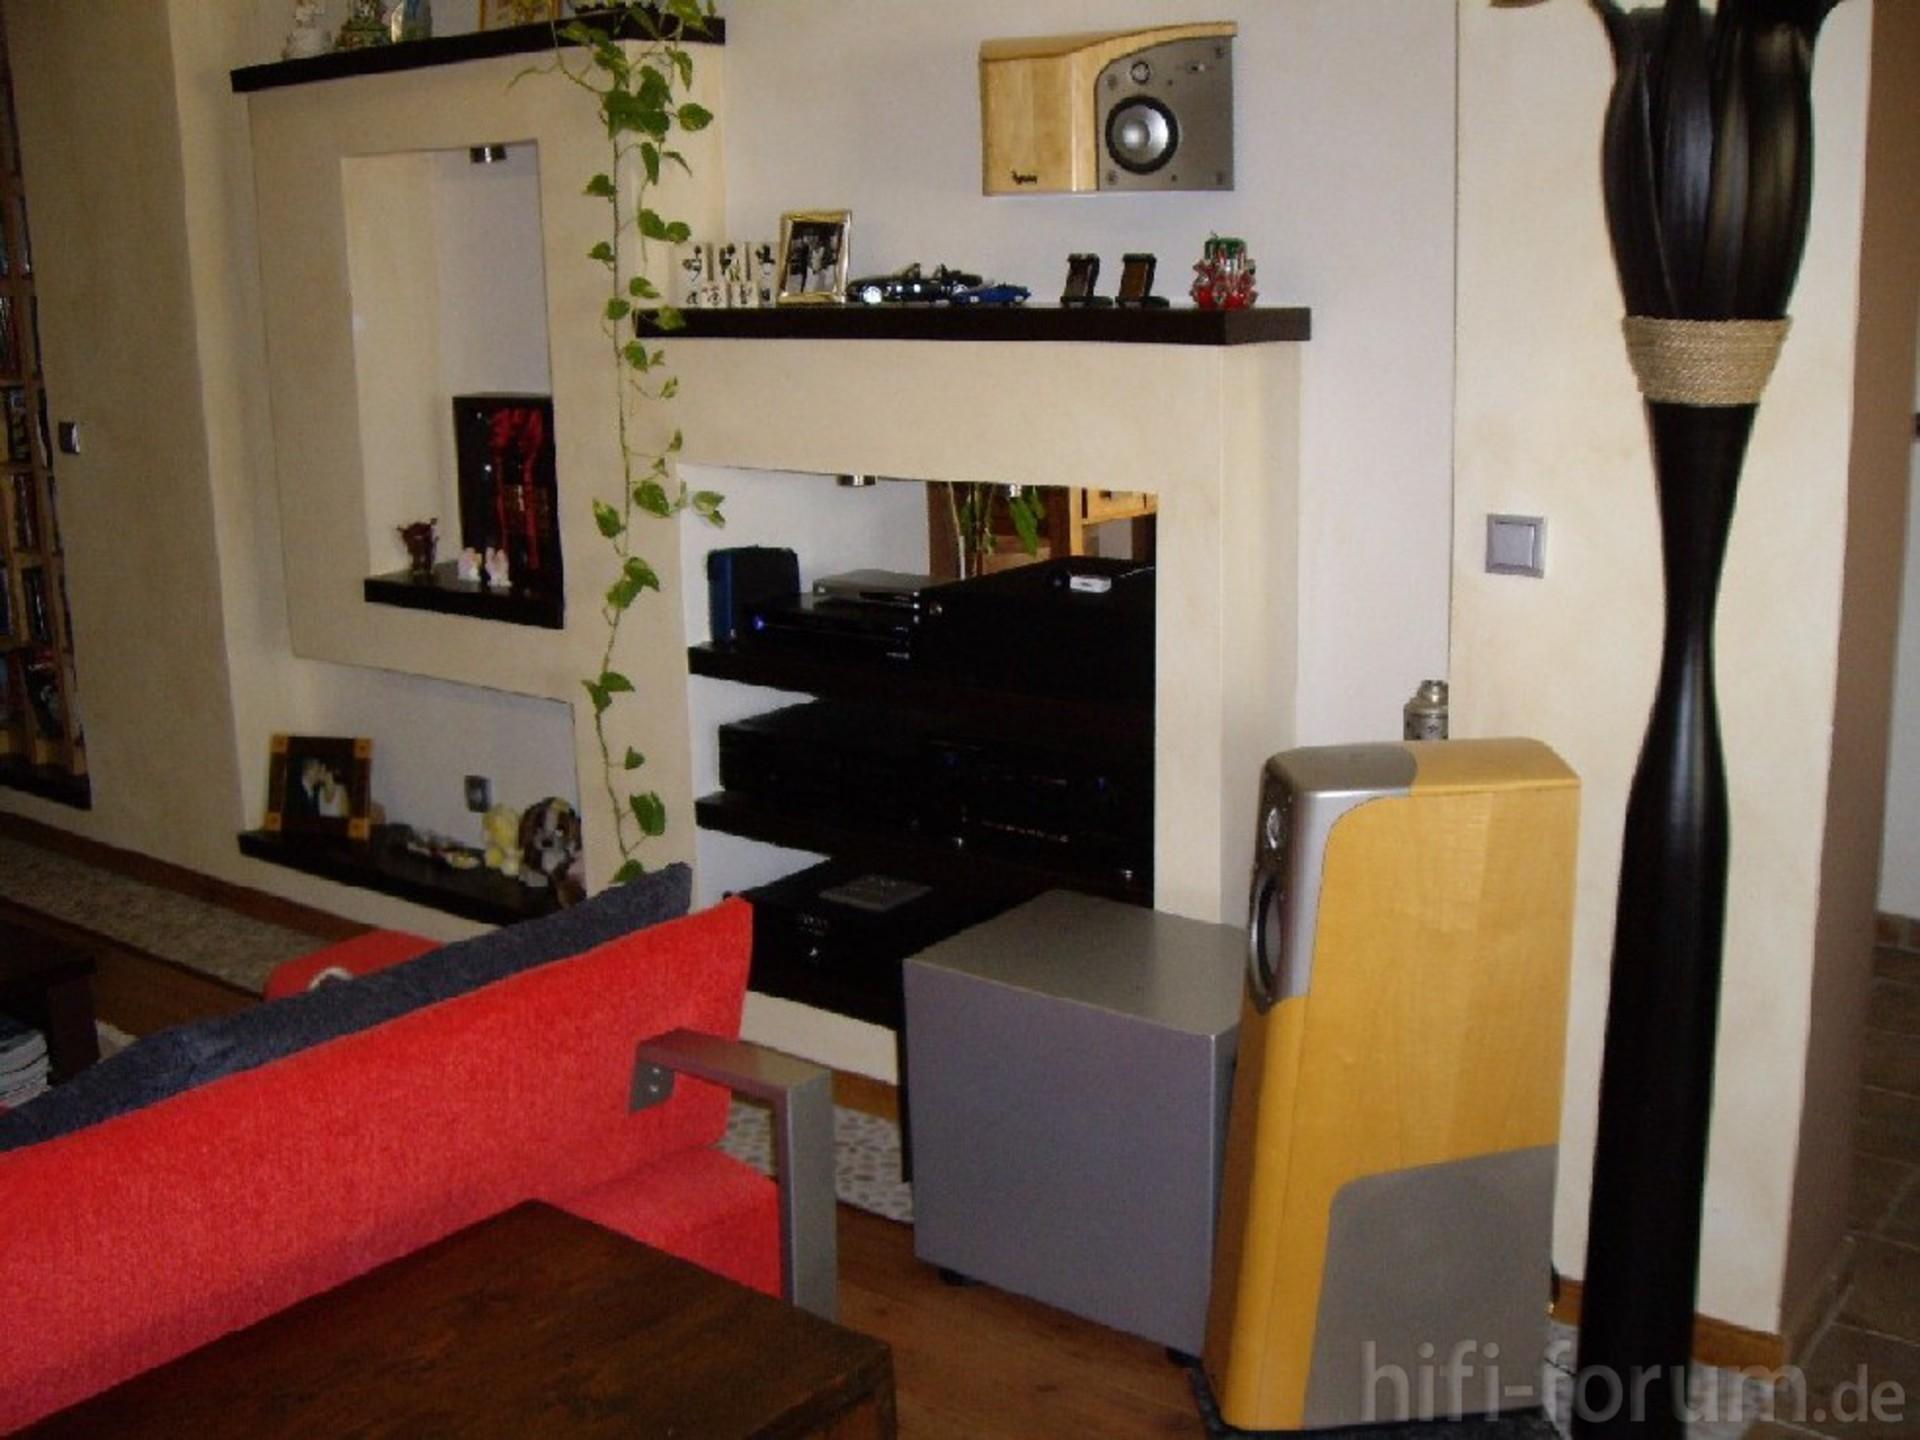 Wohnzimmer heimkino 3 heimkino surround wohnzimmer hifi bildergalerie - Heimkino wohnzimmer ...